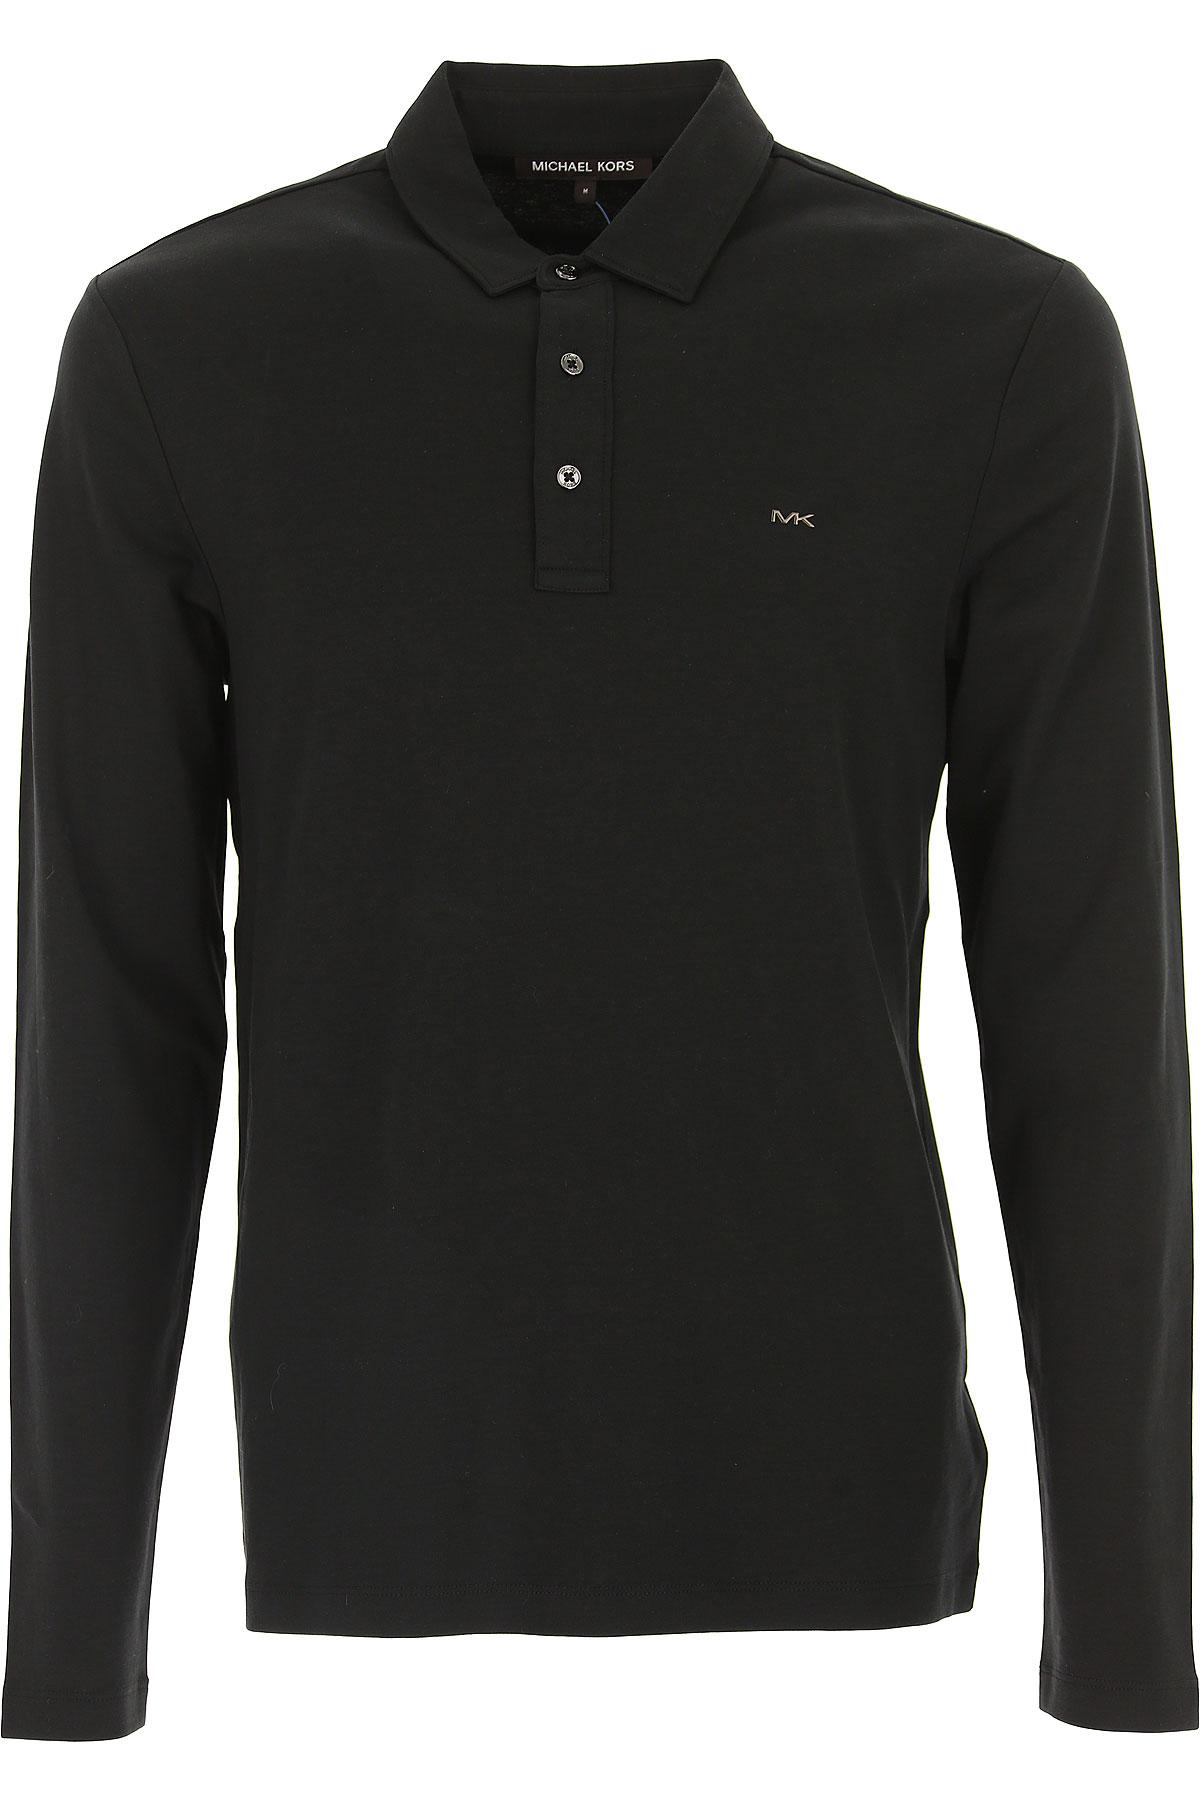 Michael Kors Camiseta de Hombre Baratos en Rebajas Outlet, Negro, Algodon, 2017, L M XL